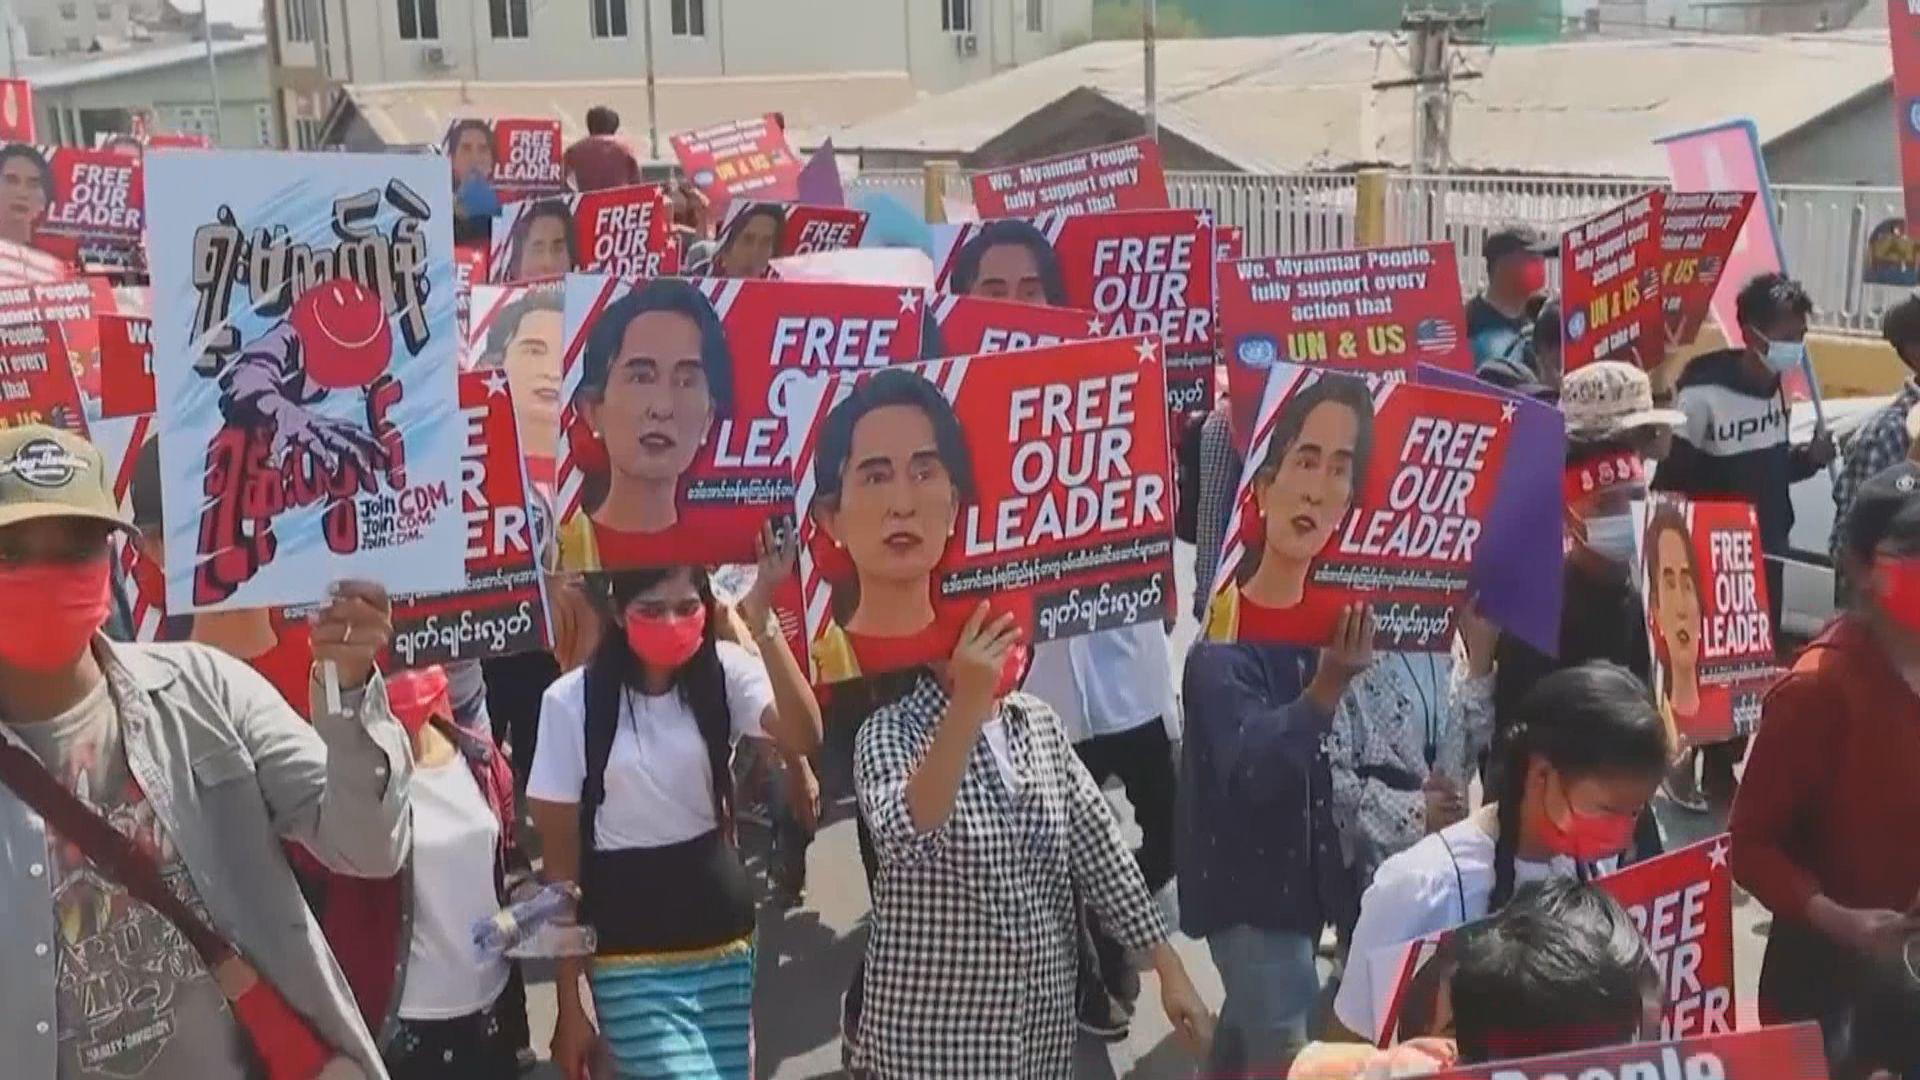 緬甸鐵路工人阻塞路軌抗議軍事政變